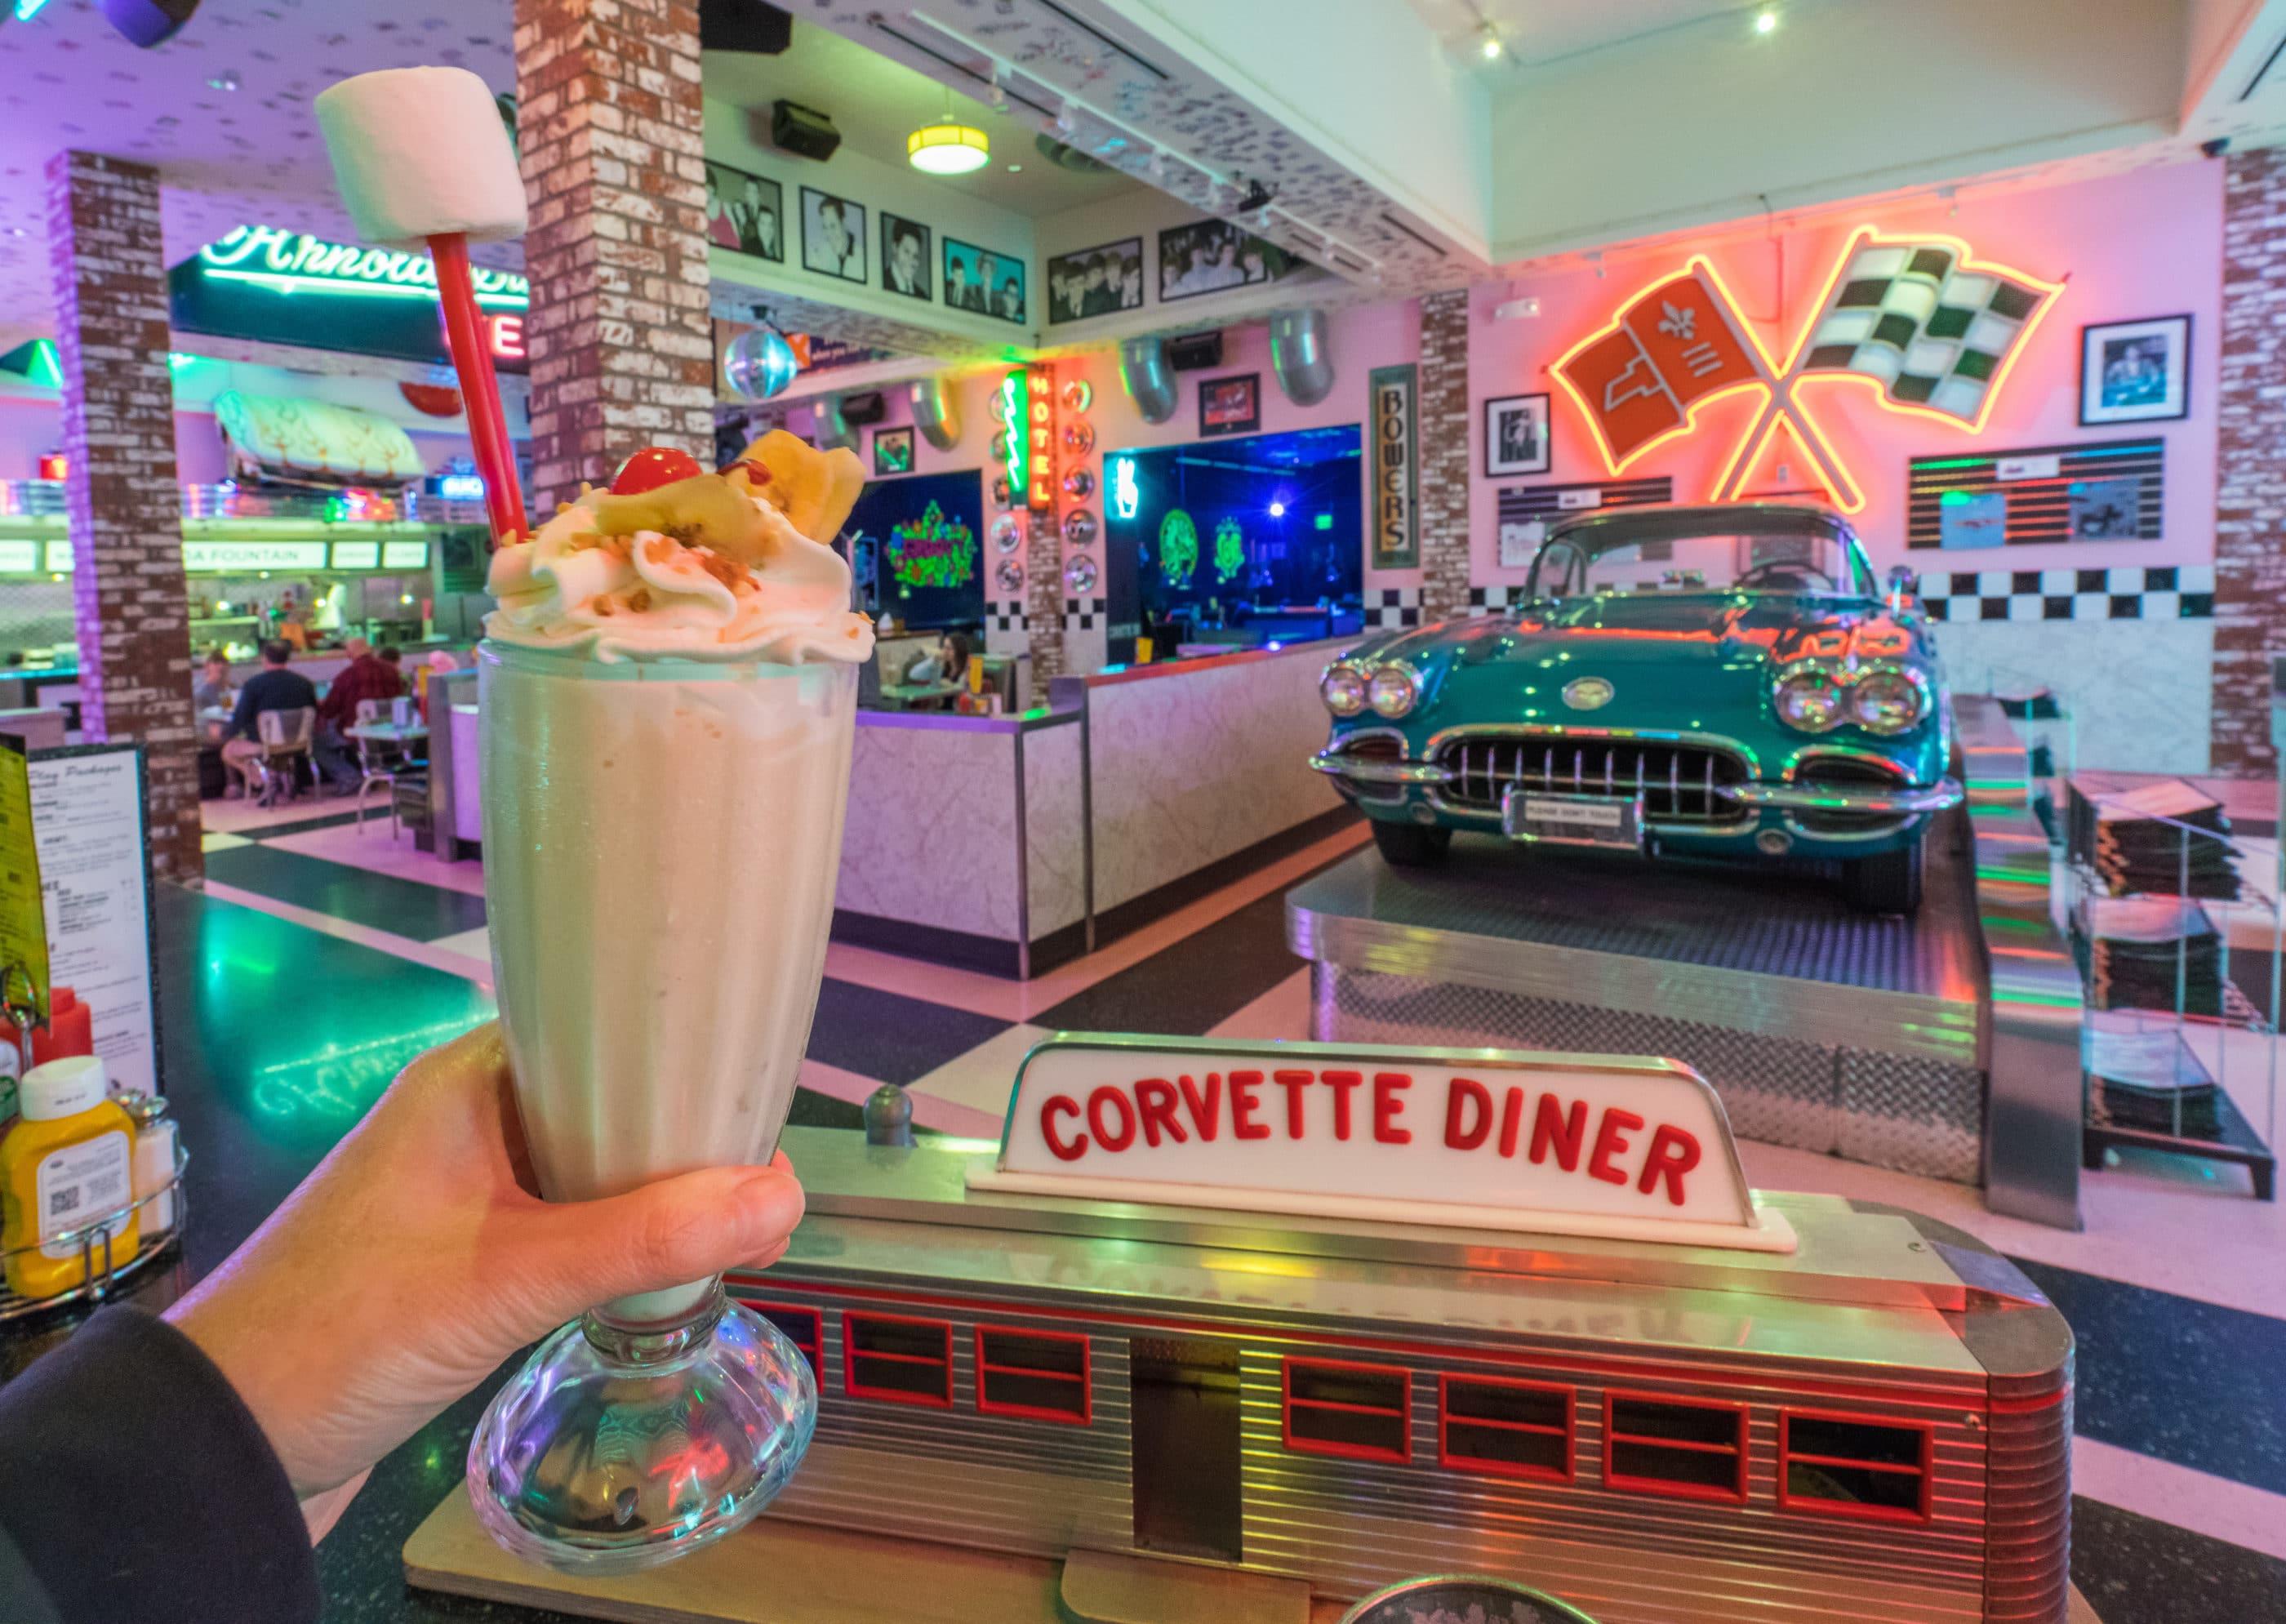 A giant milkshake held up in front of vintage Corvette inside the kid-friendly San Diego restaurant, Corvette Diner.